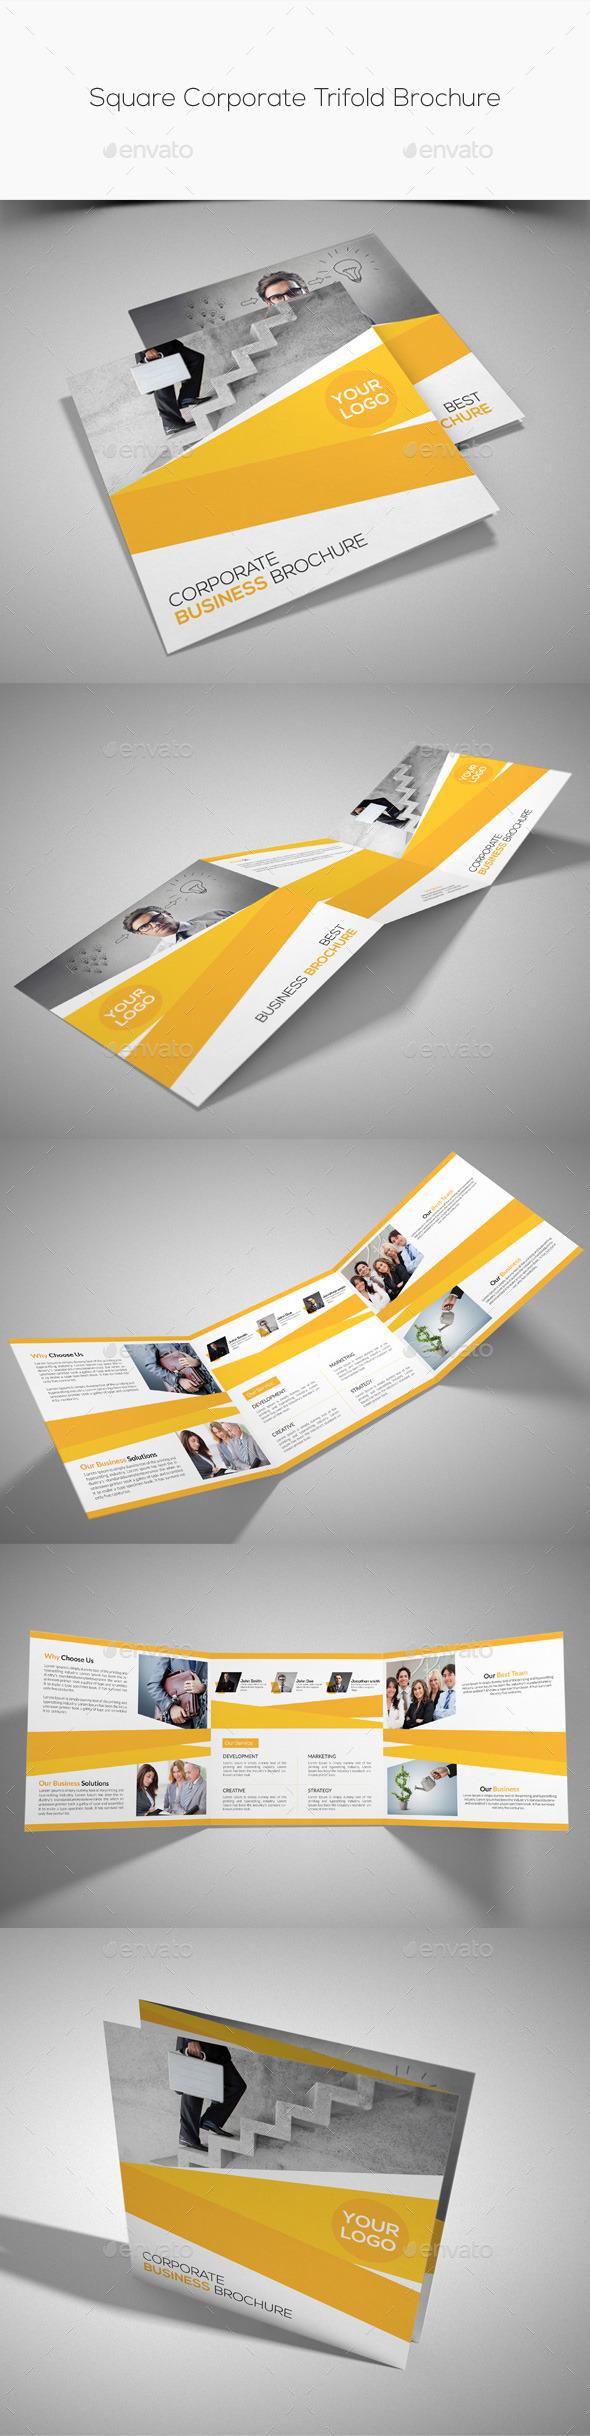 GraphicRiver Square Corporate Trifold Brochure 10763971